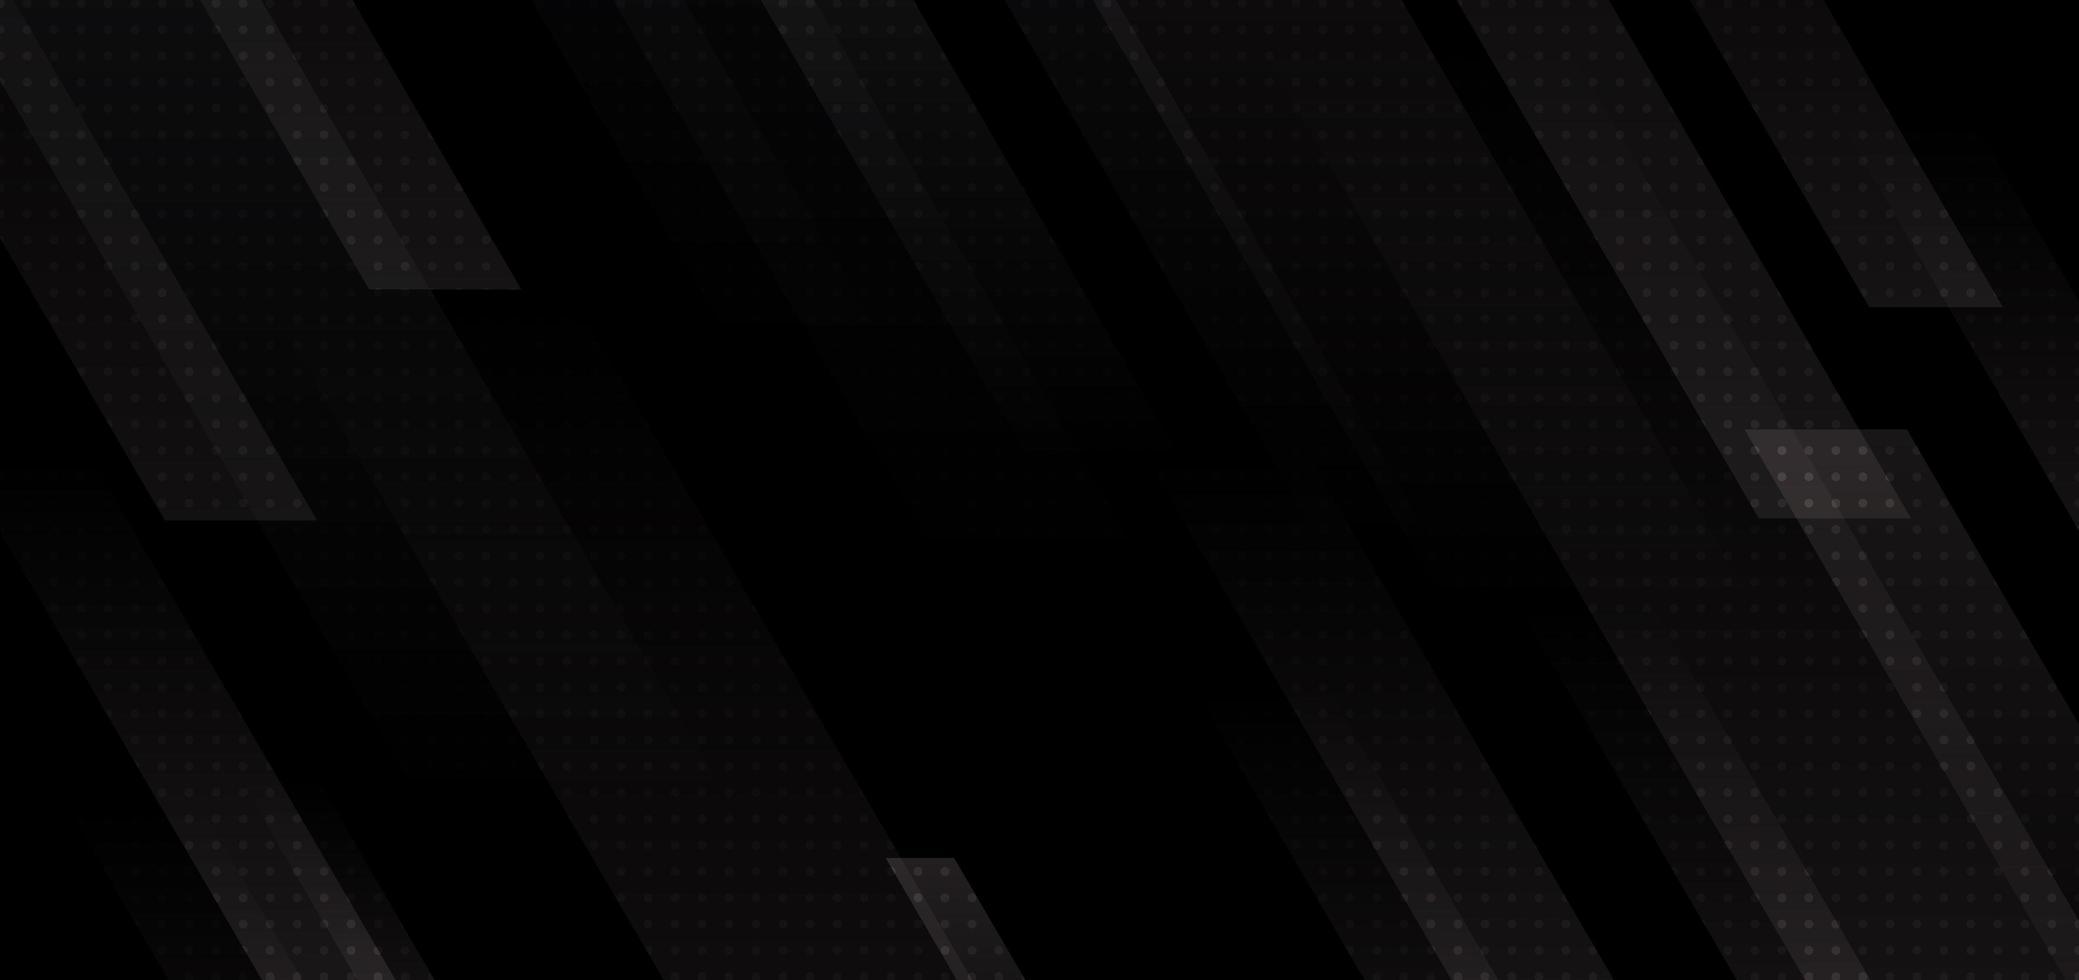 abstrakta moderna svarta ränder geometriska diagonala linjer på mörk bakgrund. vektor